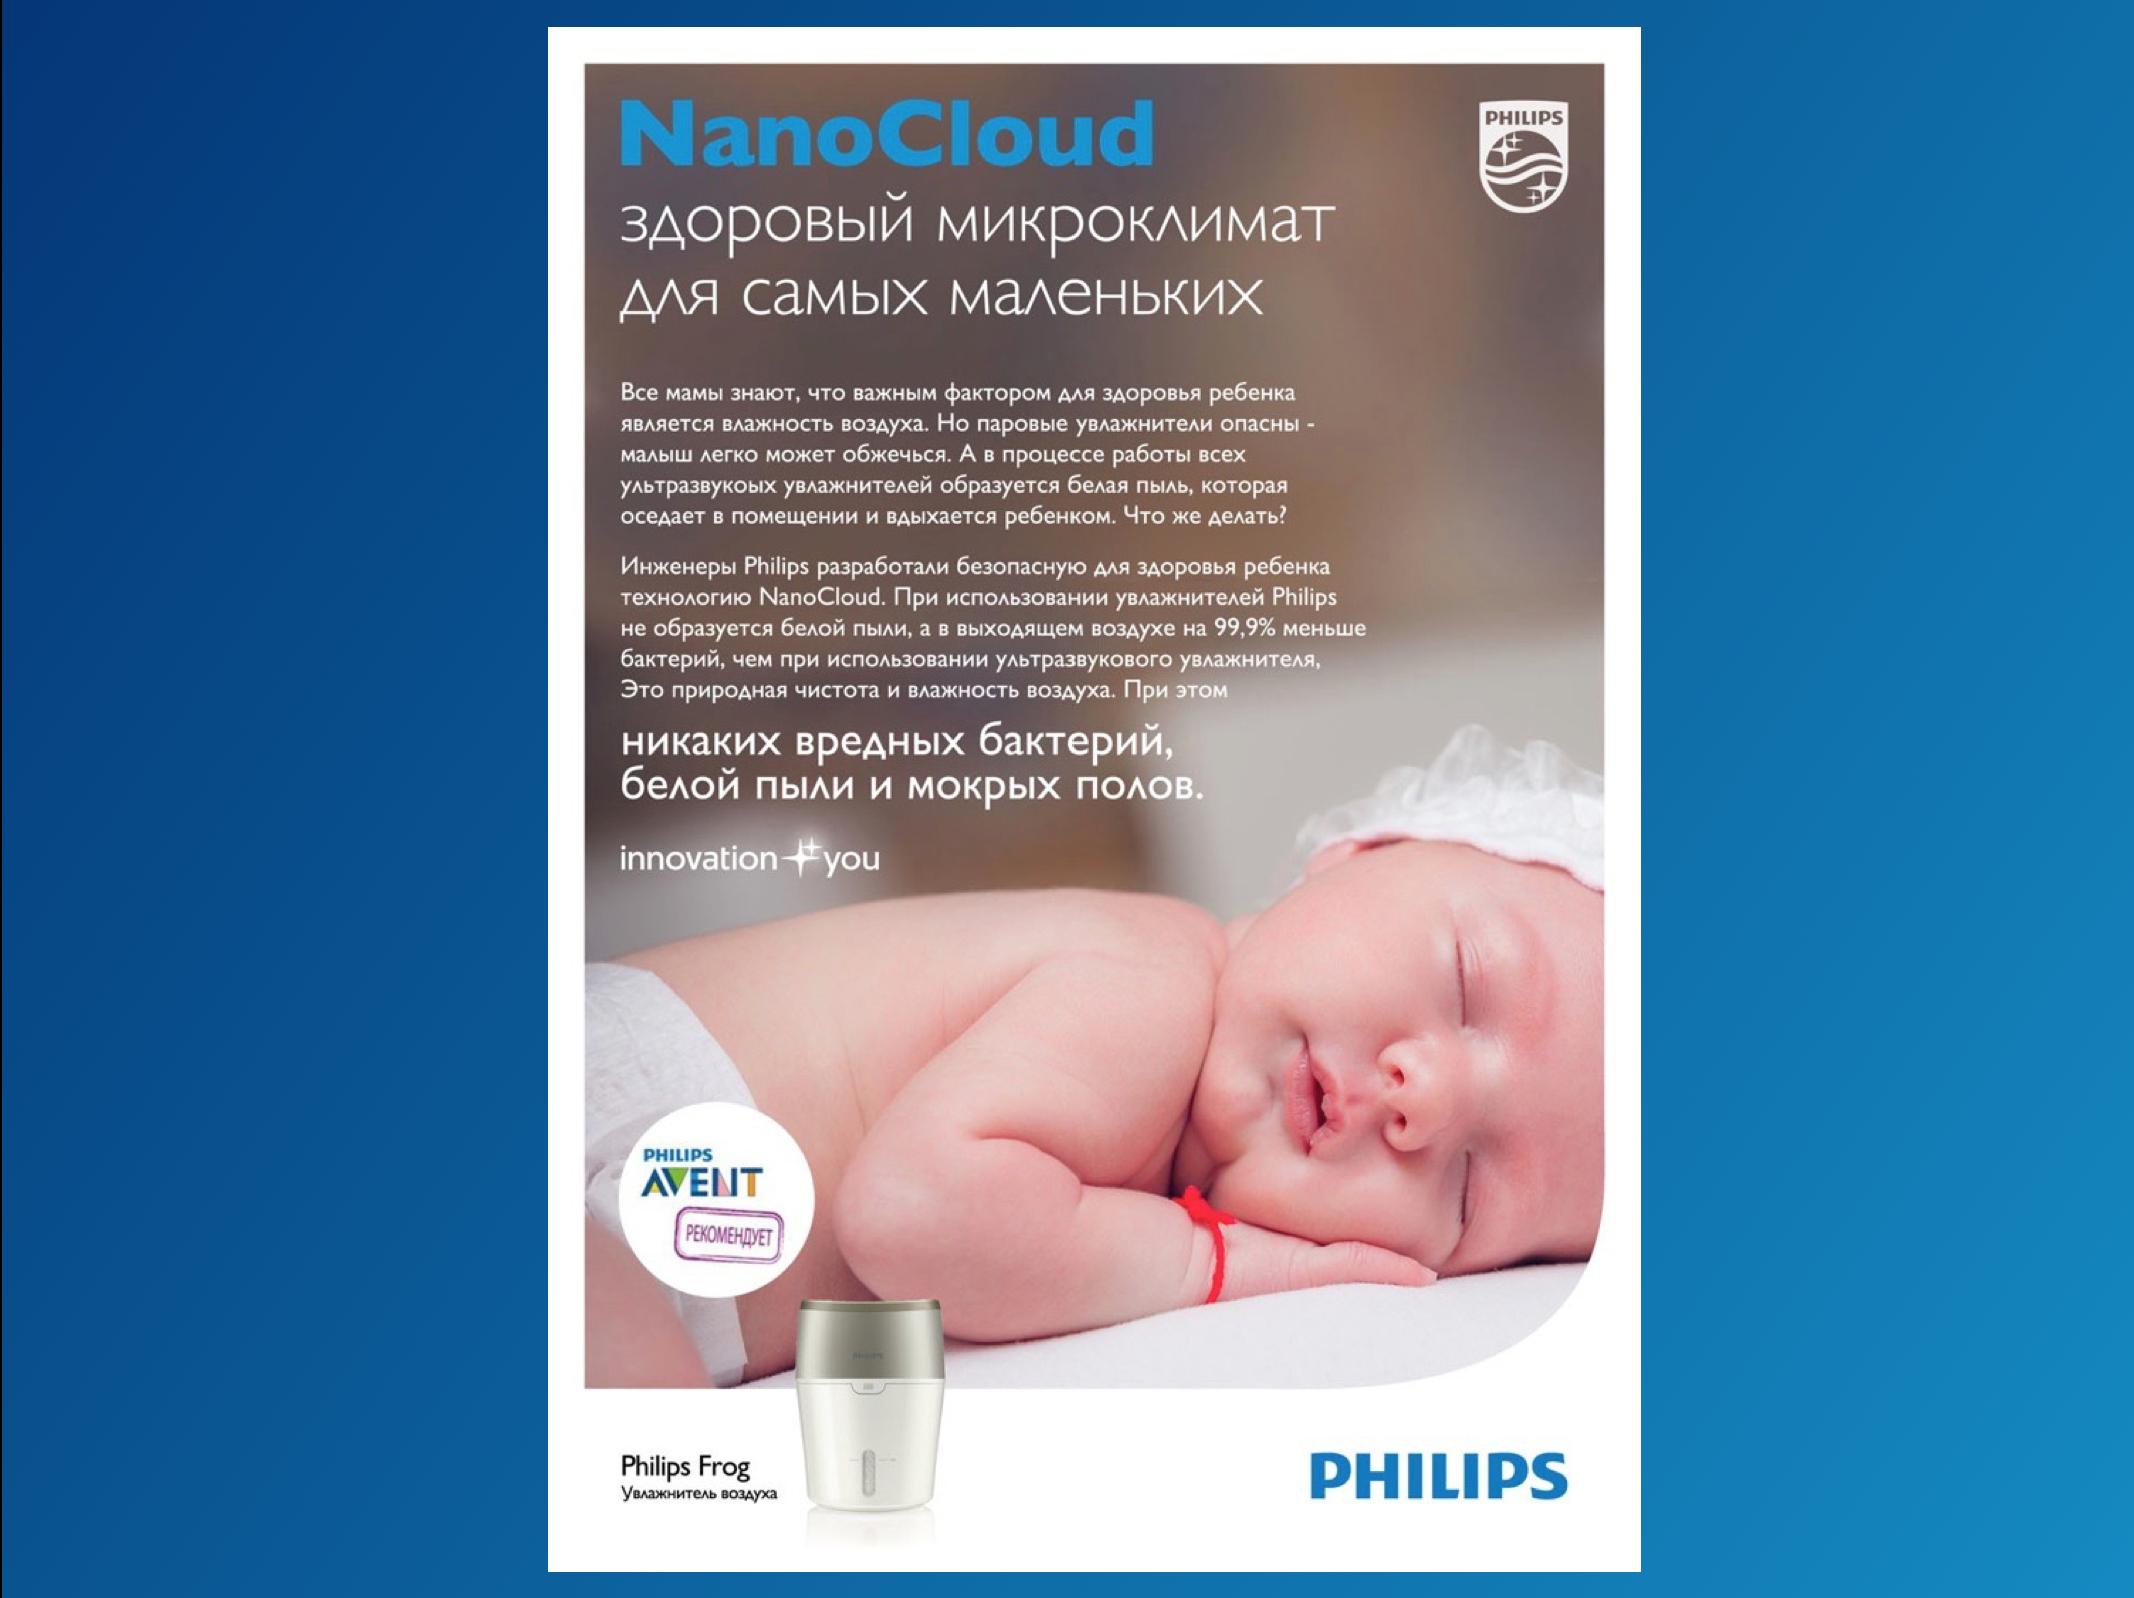 KV#1. NanoCloud